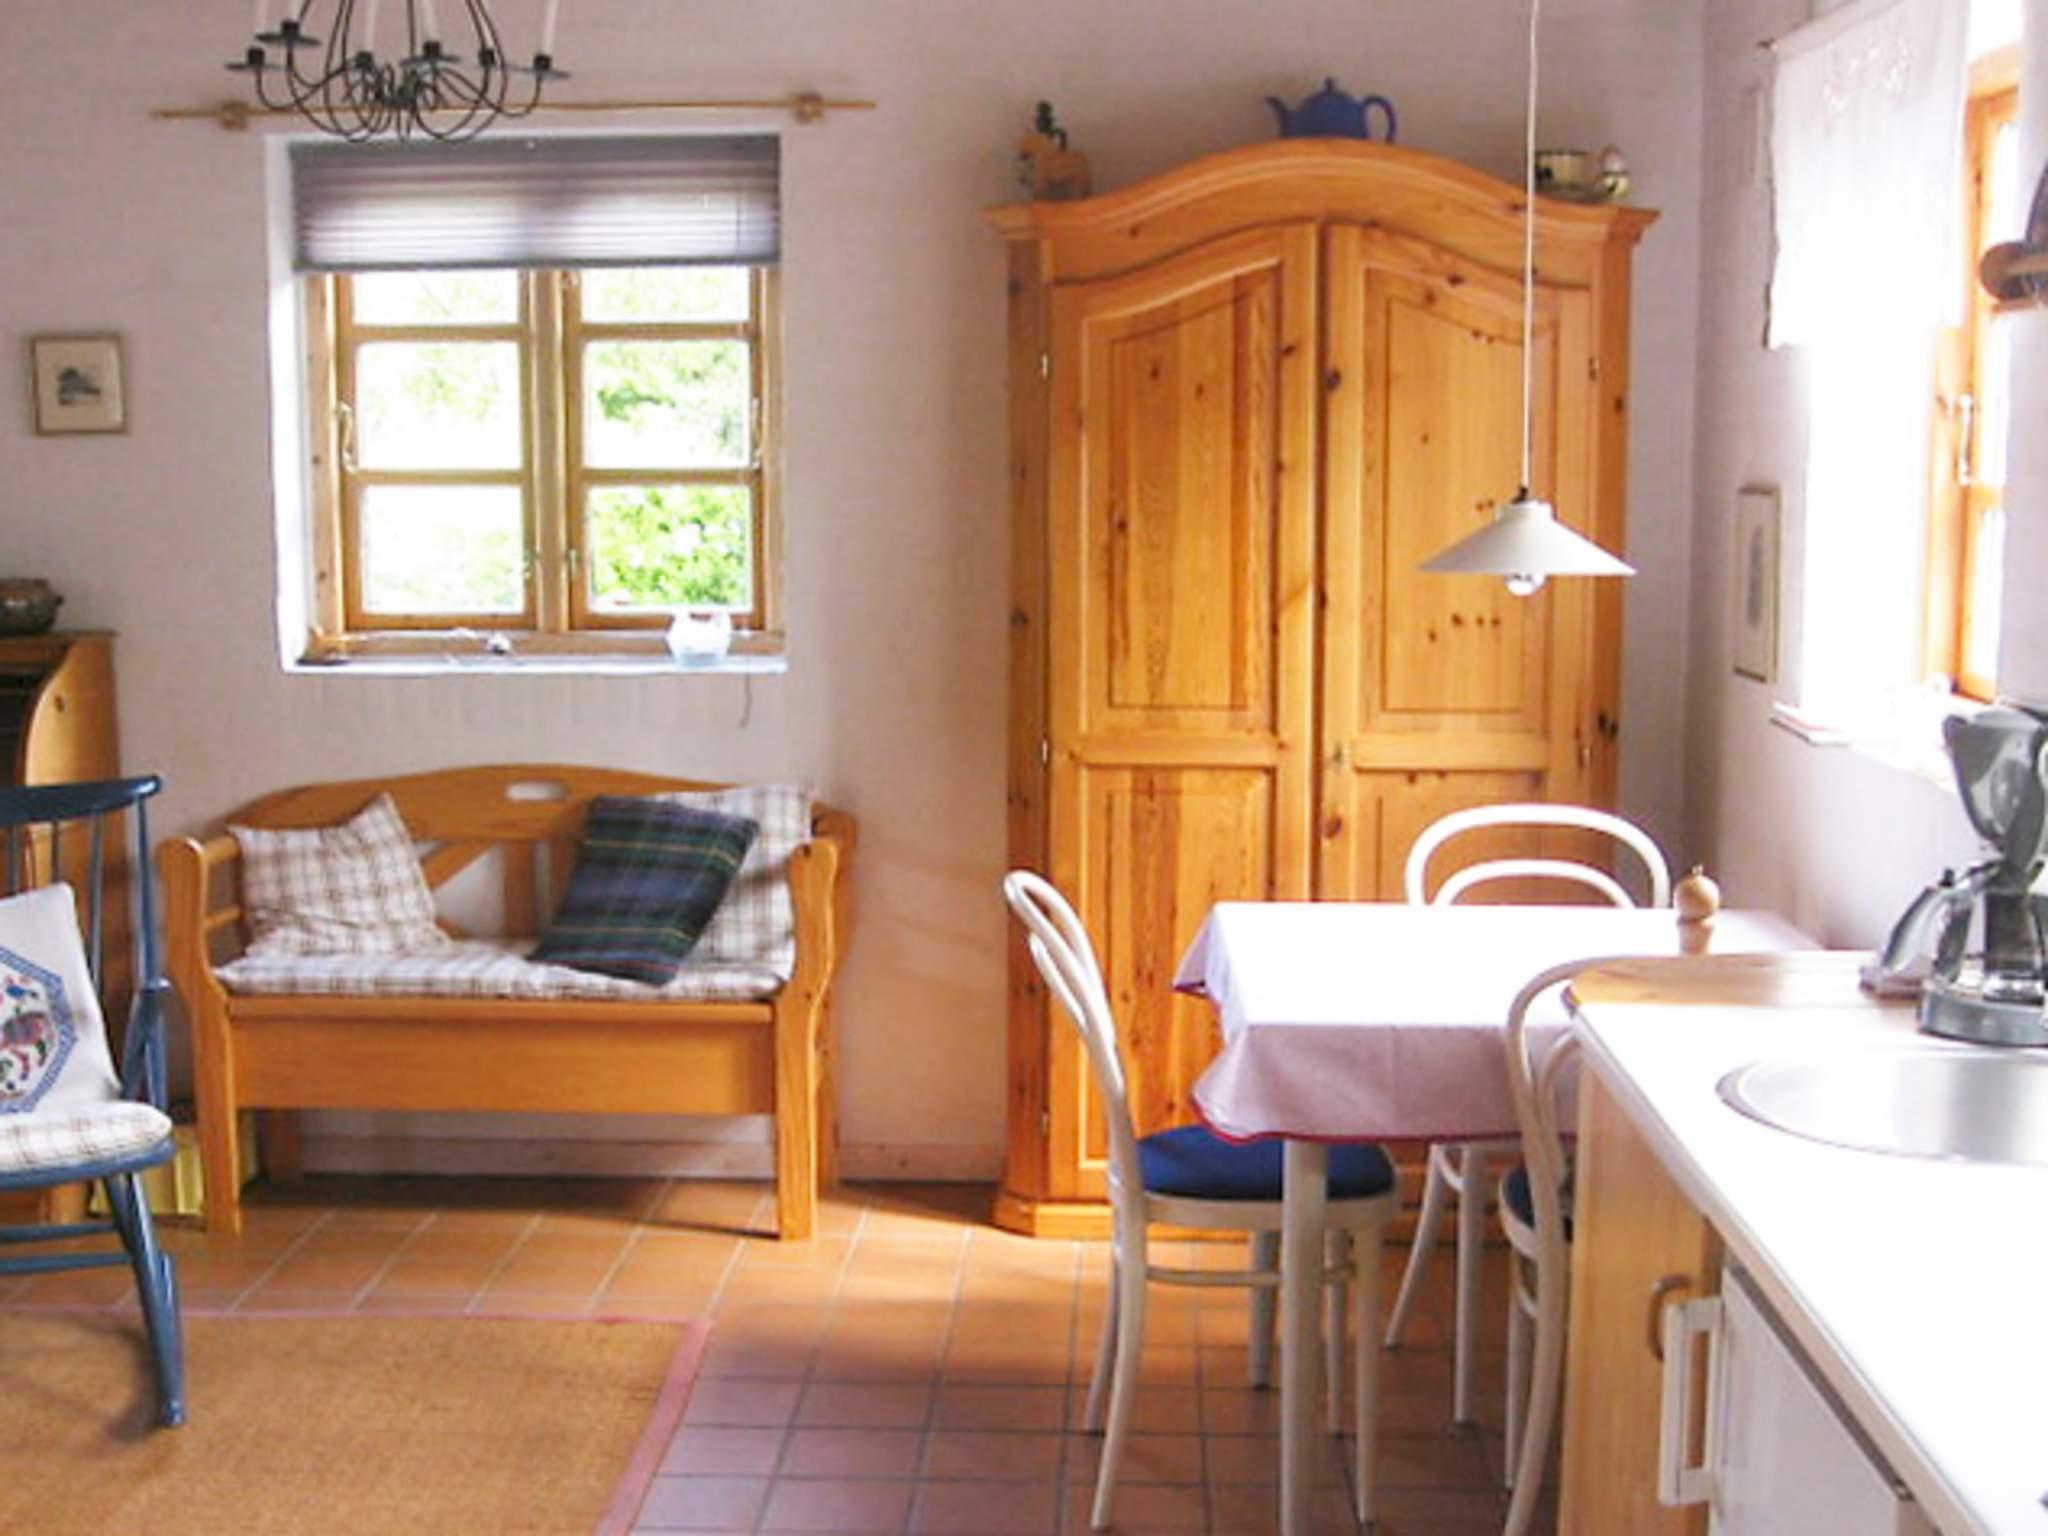 Ferienhaus St. Darum (306951), Bramming, , Südwestjütland, Dänemark, Bild 2